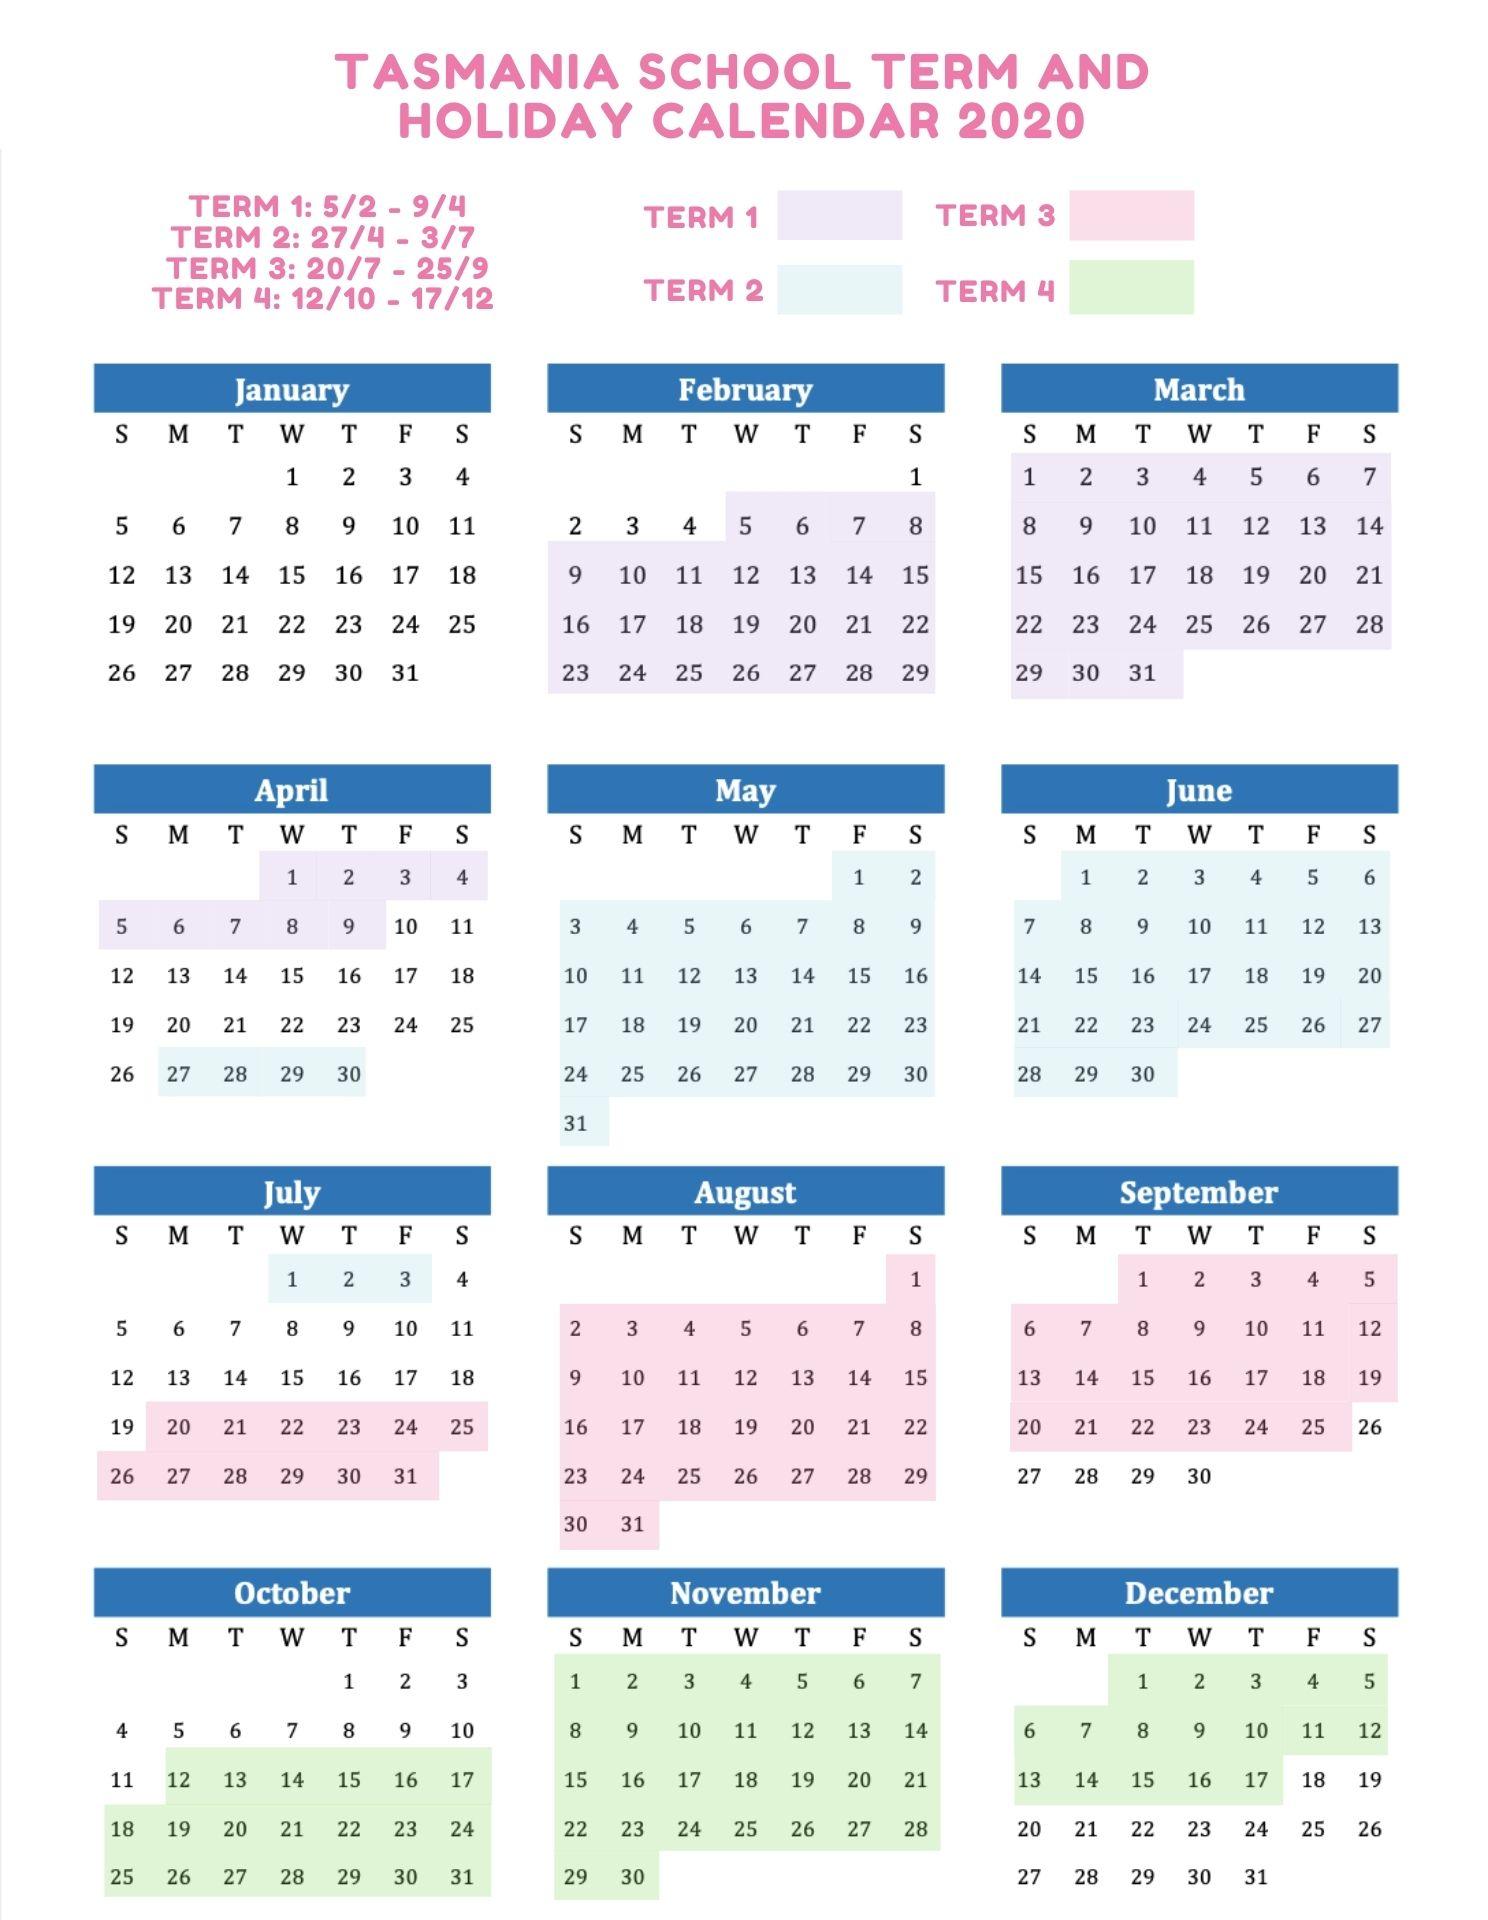 Tasmania School Holidays 2020